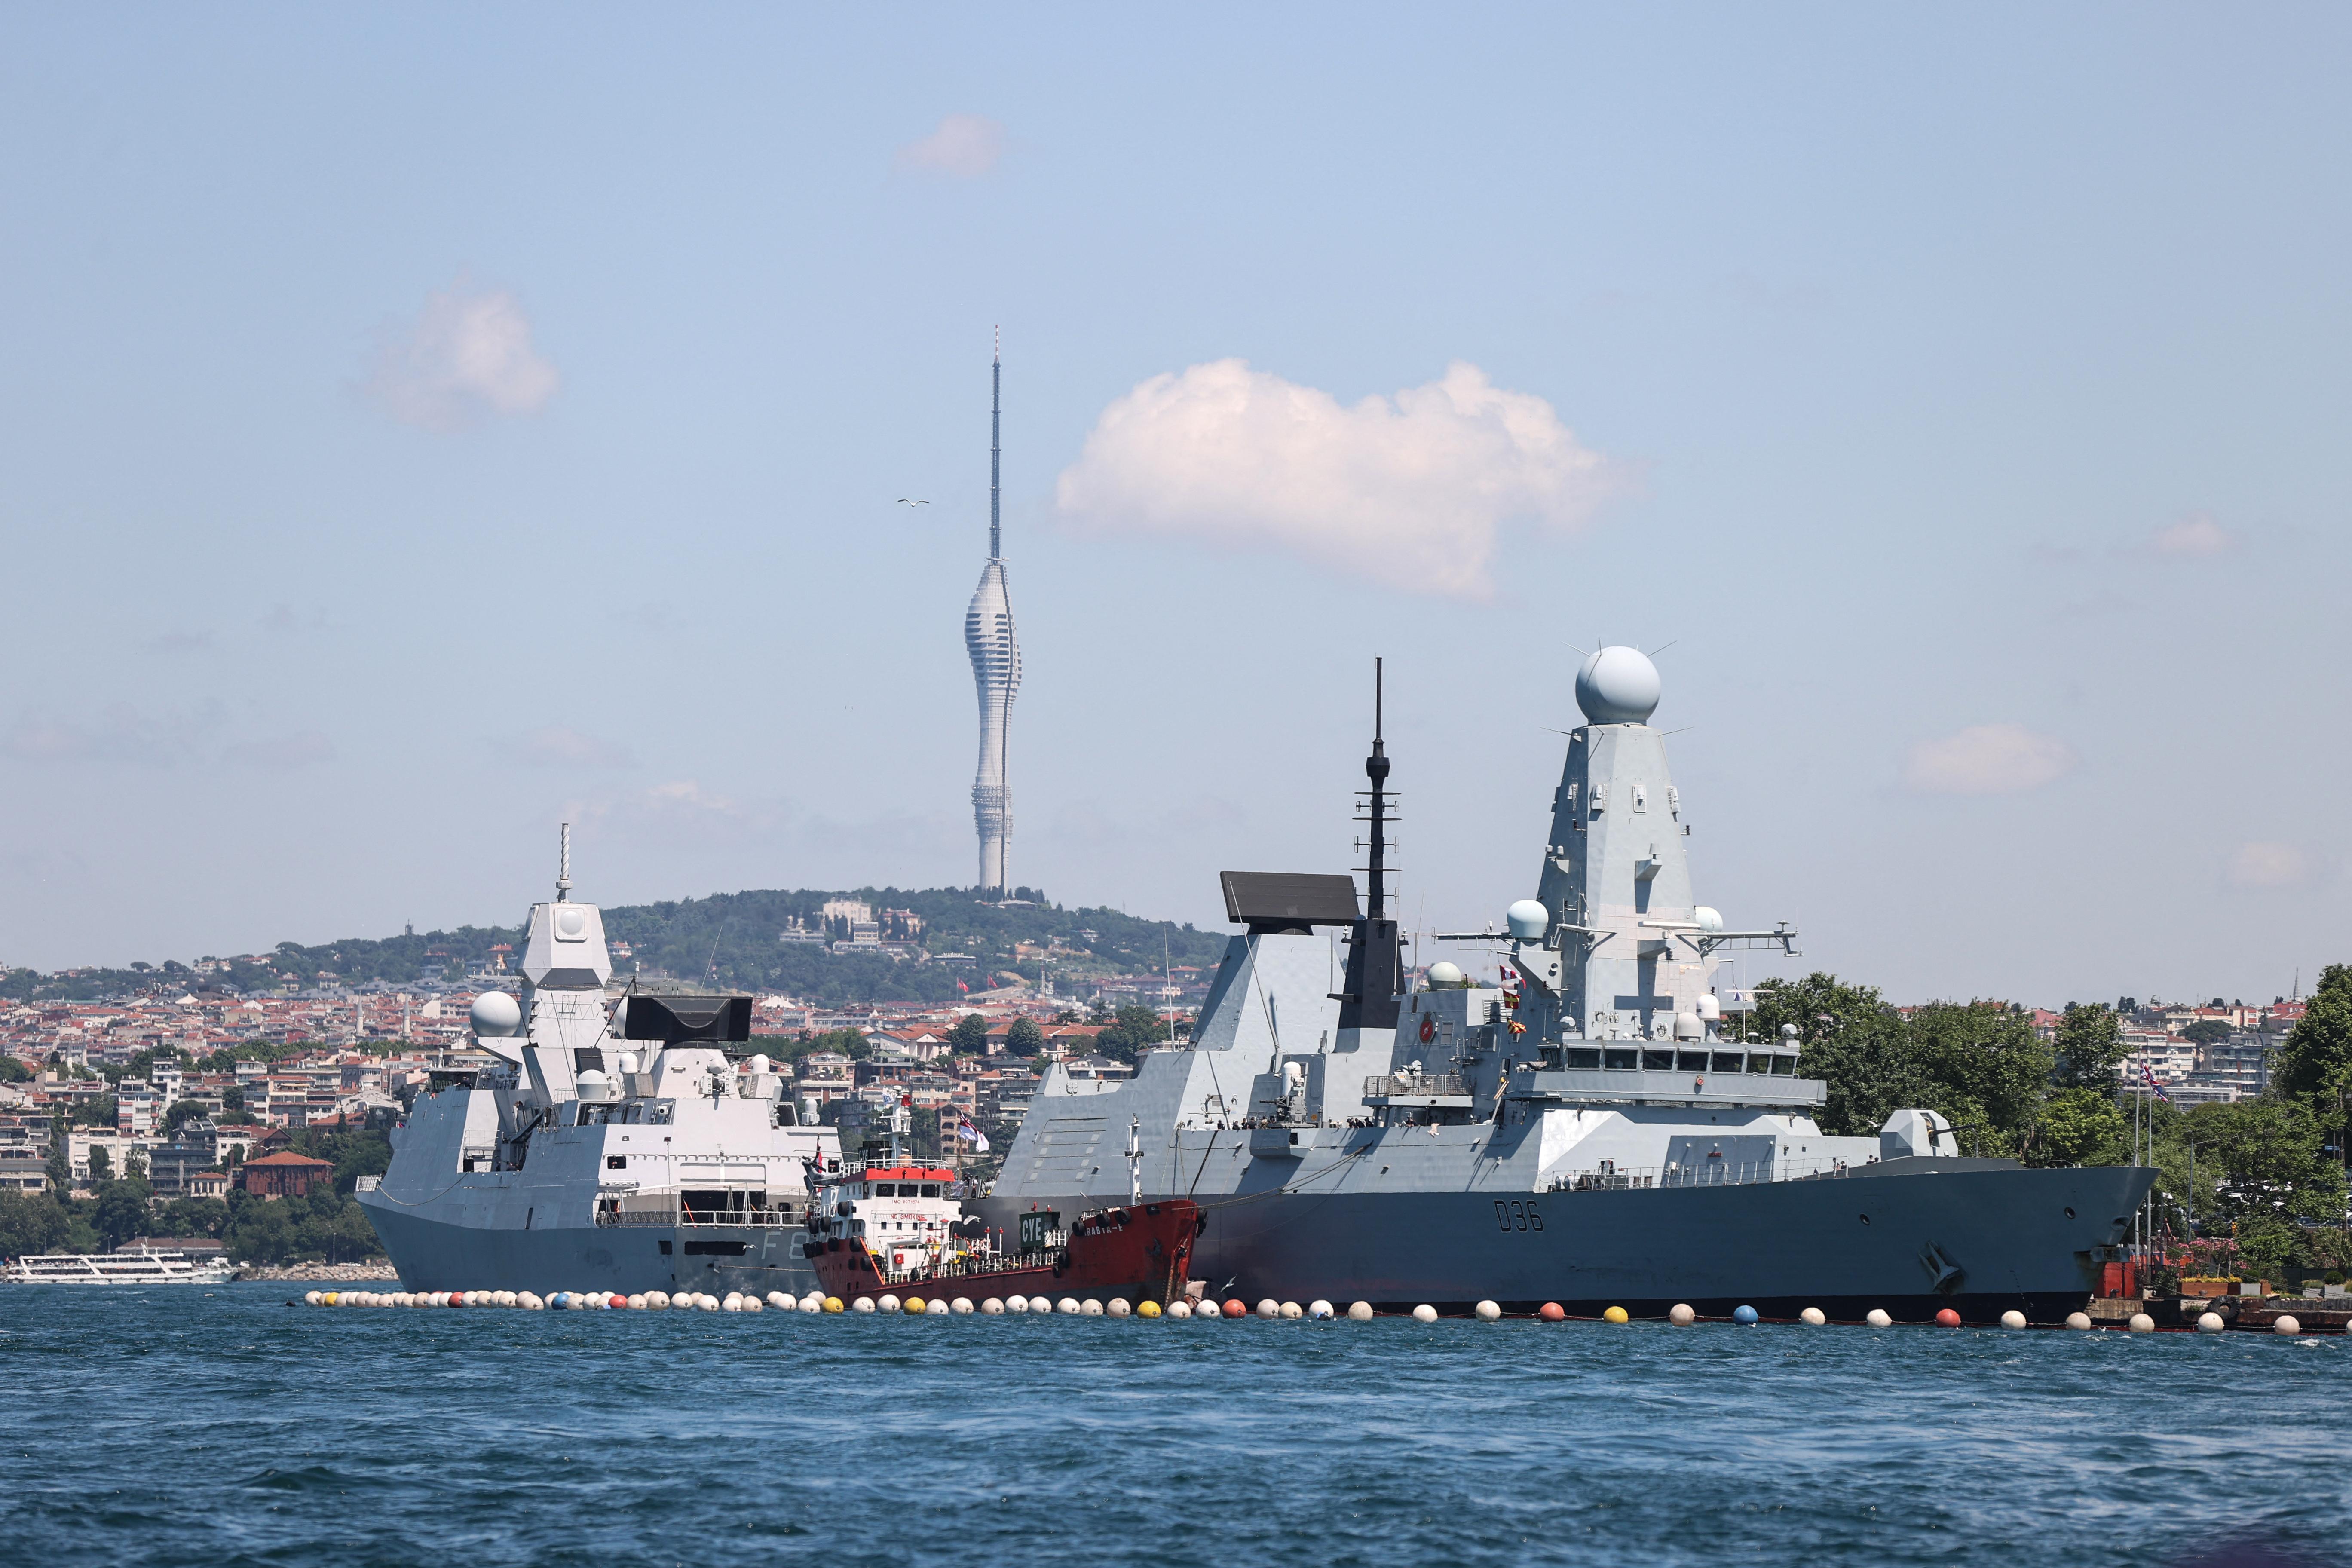 Az orosz hadügy szerint figyelmeztető lövéseket adtak le egy brit rombolóra a Fekete-tengeren, a britek mindent tagadnak